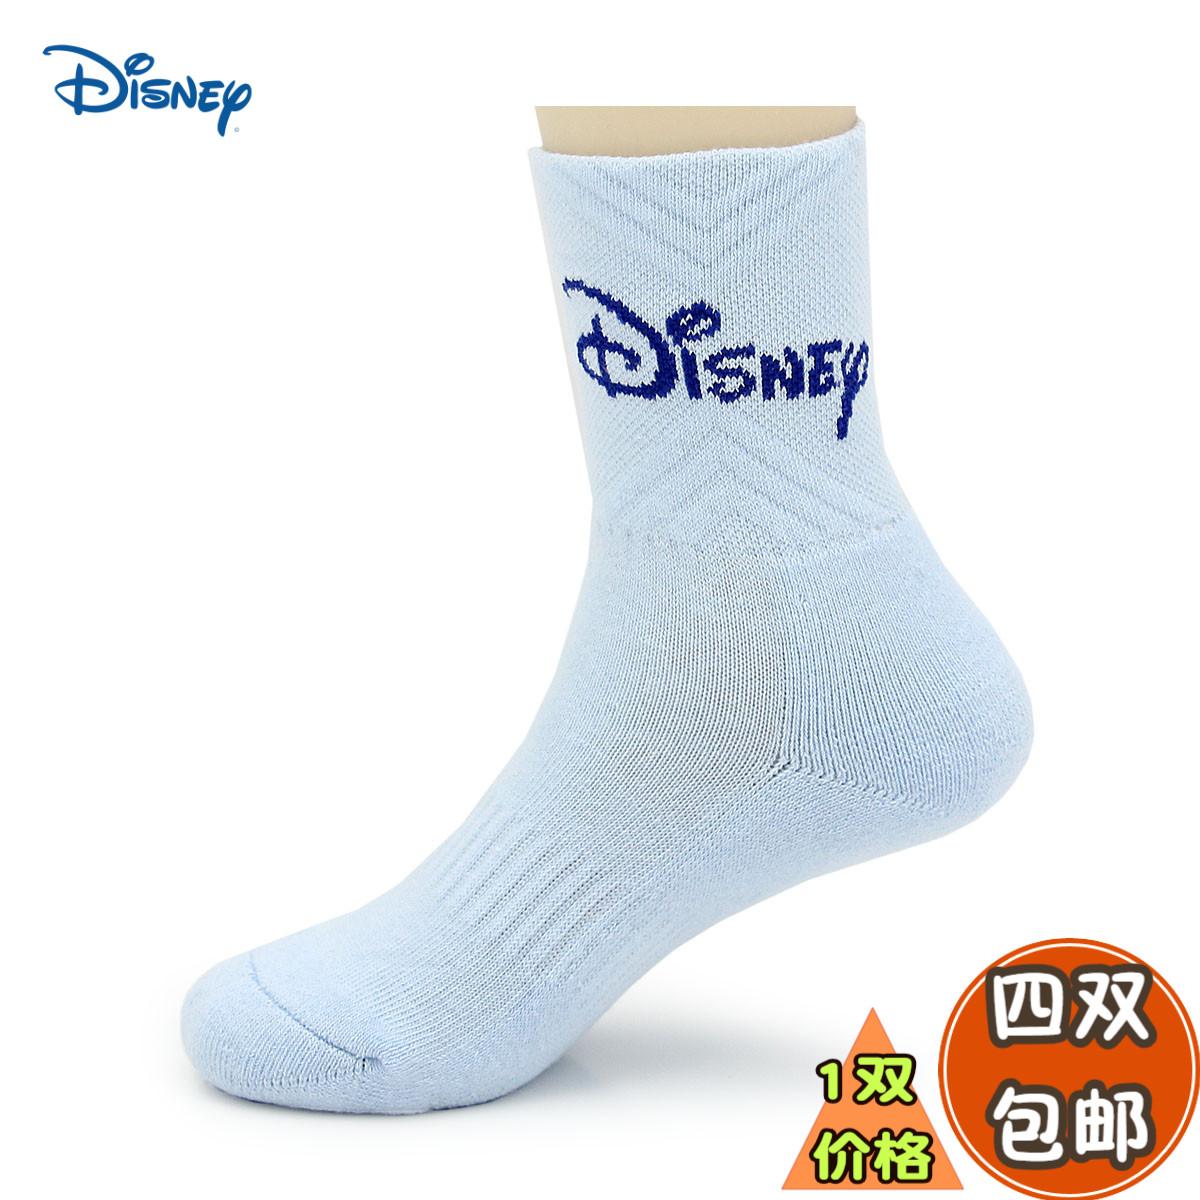 专柜三枪内衣迪士尼儿童袜子秋冬保暖袜底毛圈中筒男童棉袜集合款